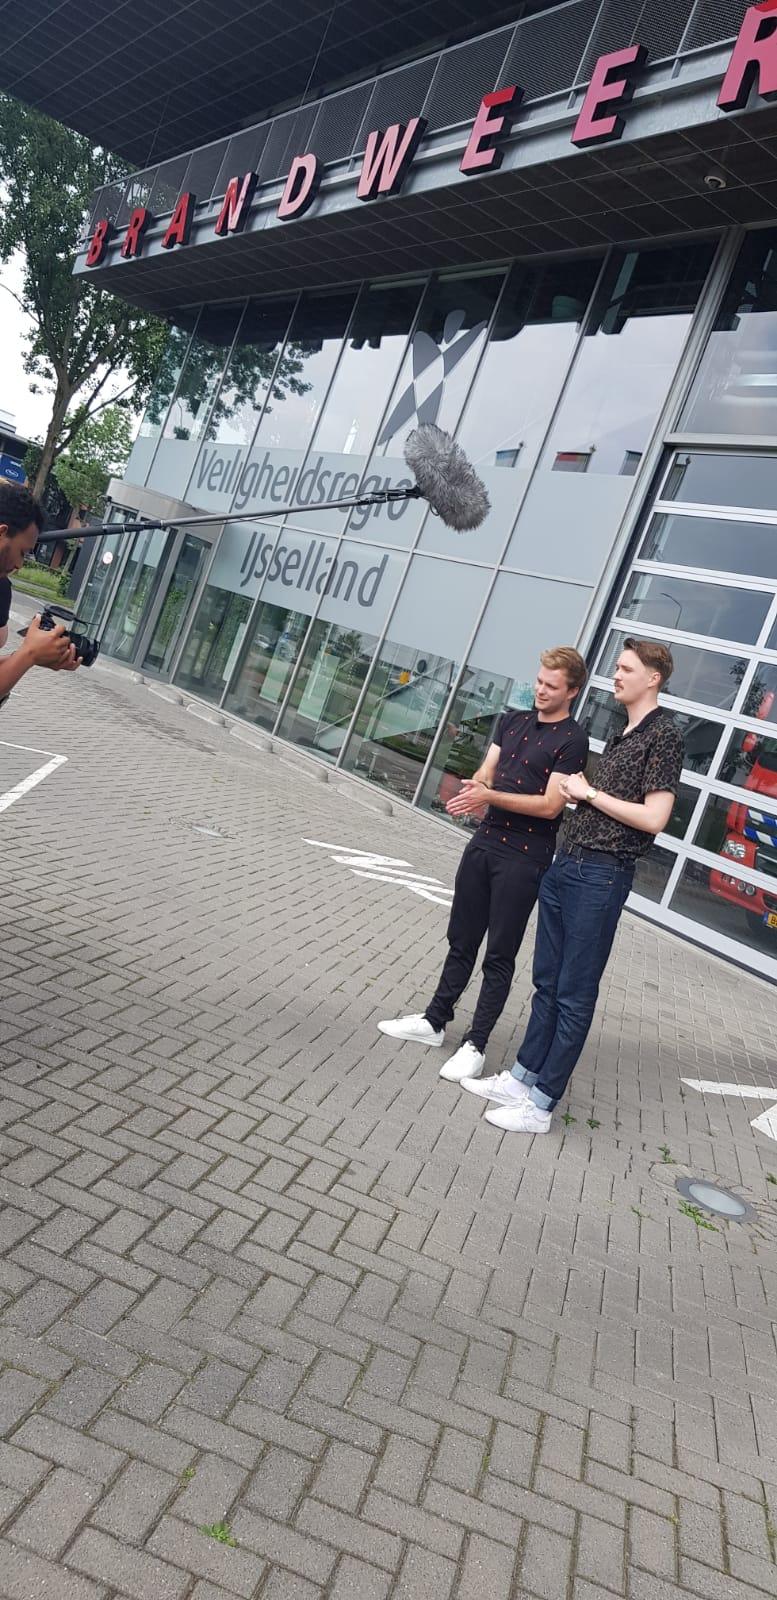 Bram Krikke en Tom van der Weerd voor de kazerne in Zwolle